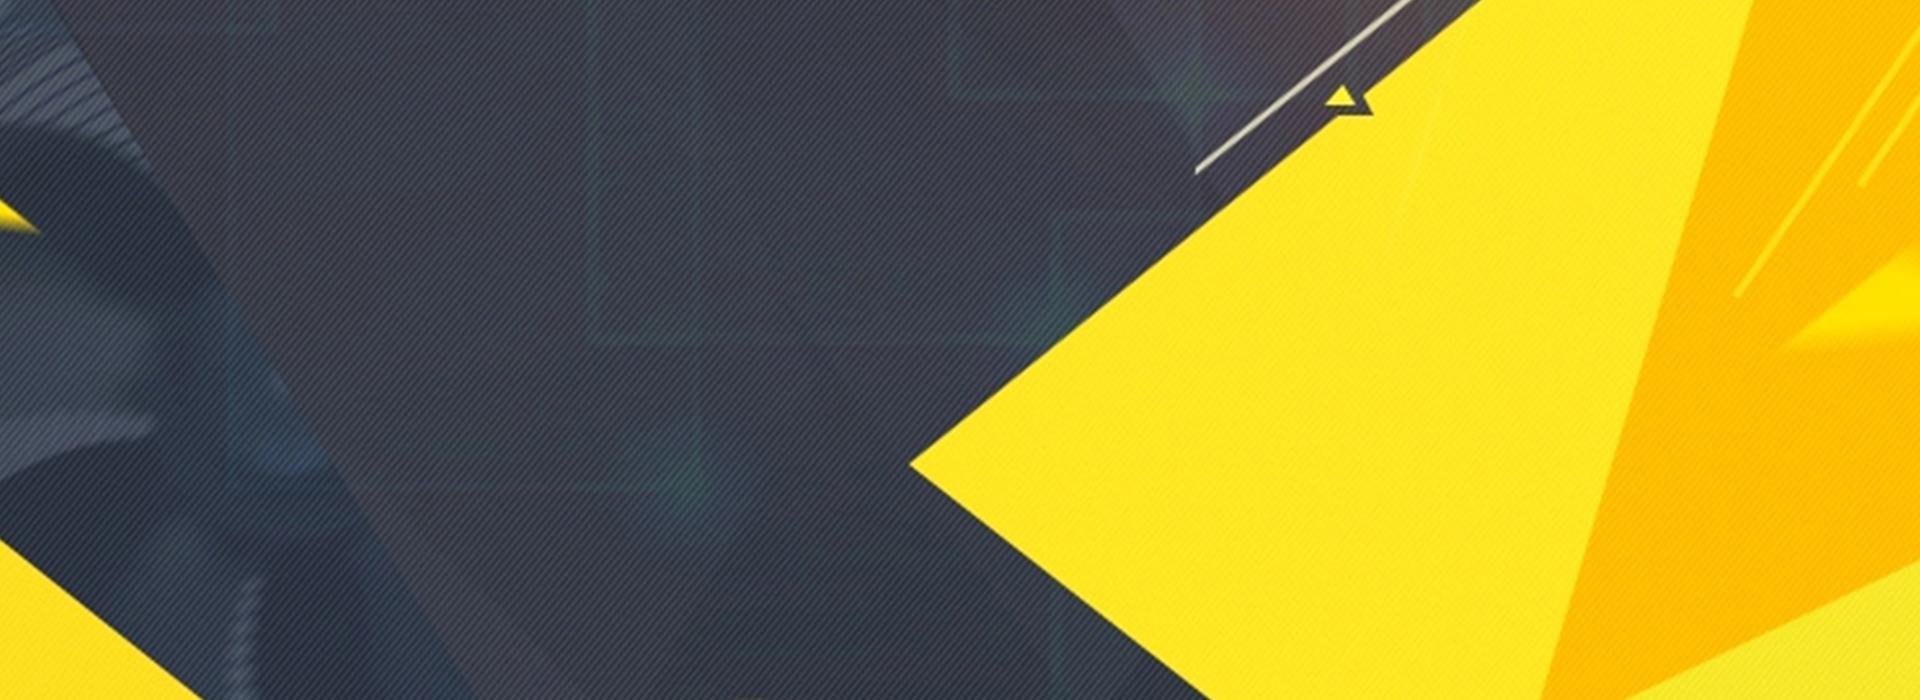 fondo geom u00e9trico la geometr u00eda amarillo black imagen de